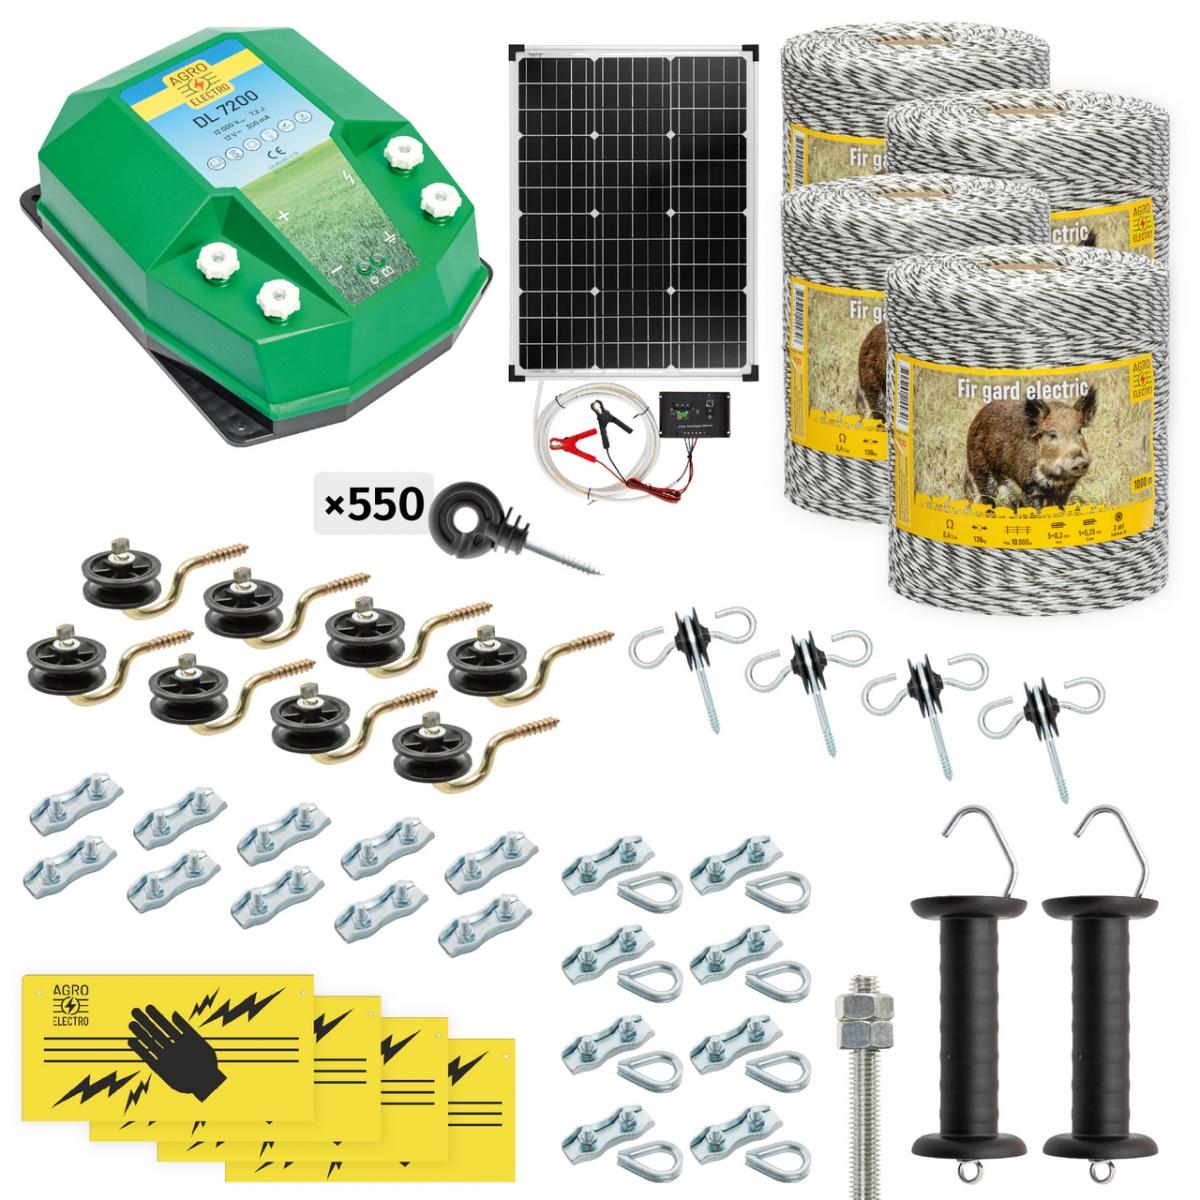 Pachet gard electric complet 4000m, 7,2Joule, cu sistem solar, pentru animale sălbatice